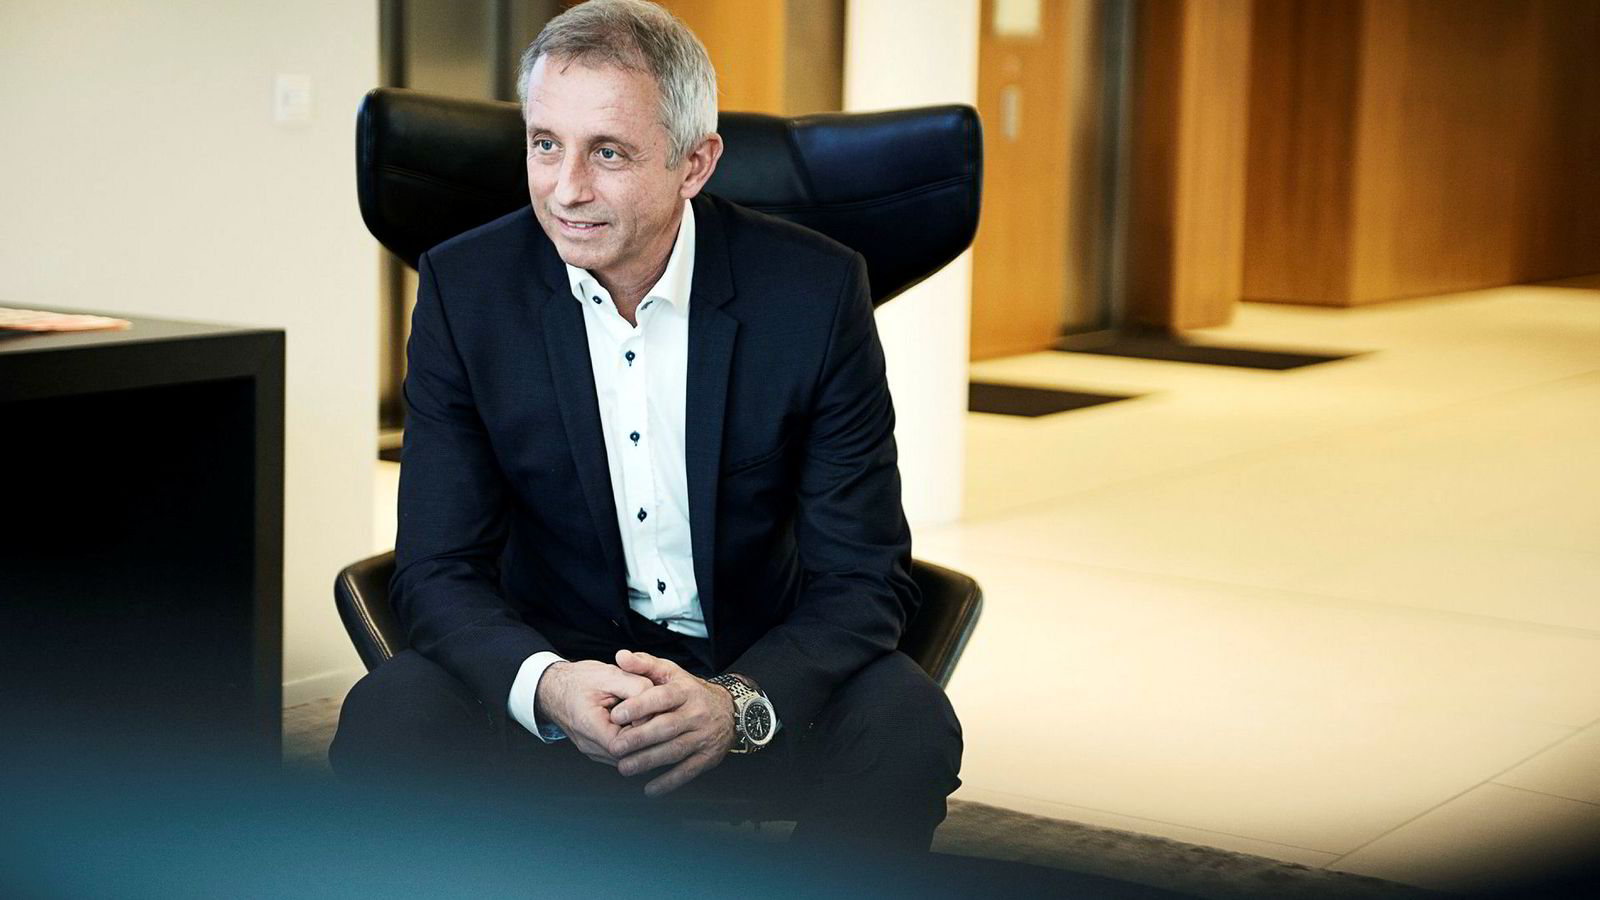 Salg av Evry-aksjer bidro til en finansinntekt på drøyt 76 millioner kroner i Jo Lunders heleide investeringsselskap Cigalep i fjor. Lunder måtte trekke seg som Evry-styreleder som en følge av korrupsjonsanklagene mot ham.